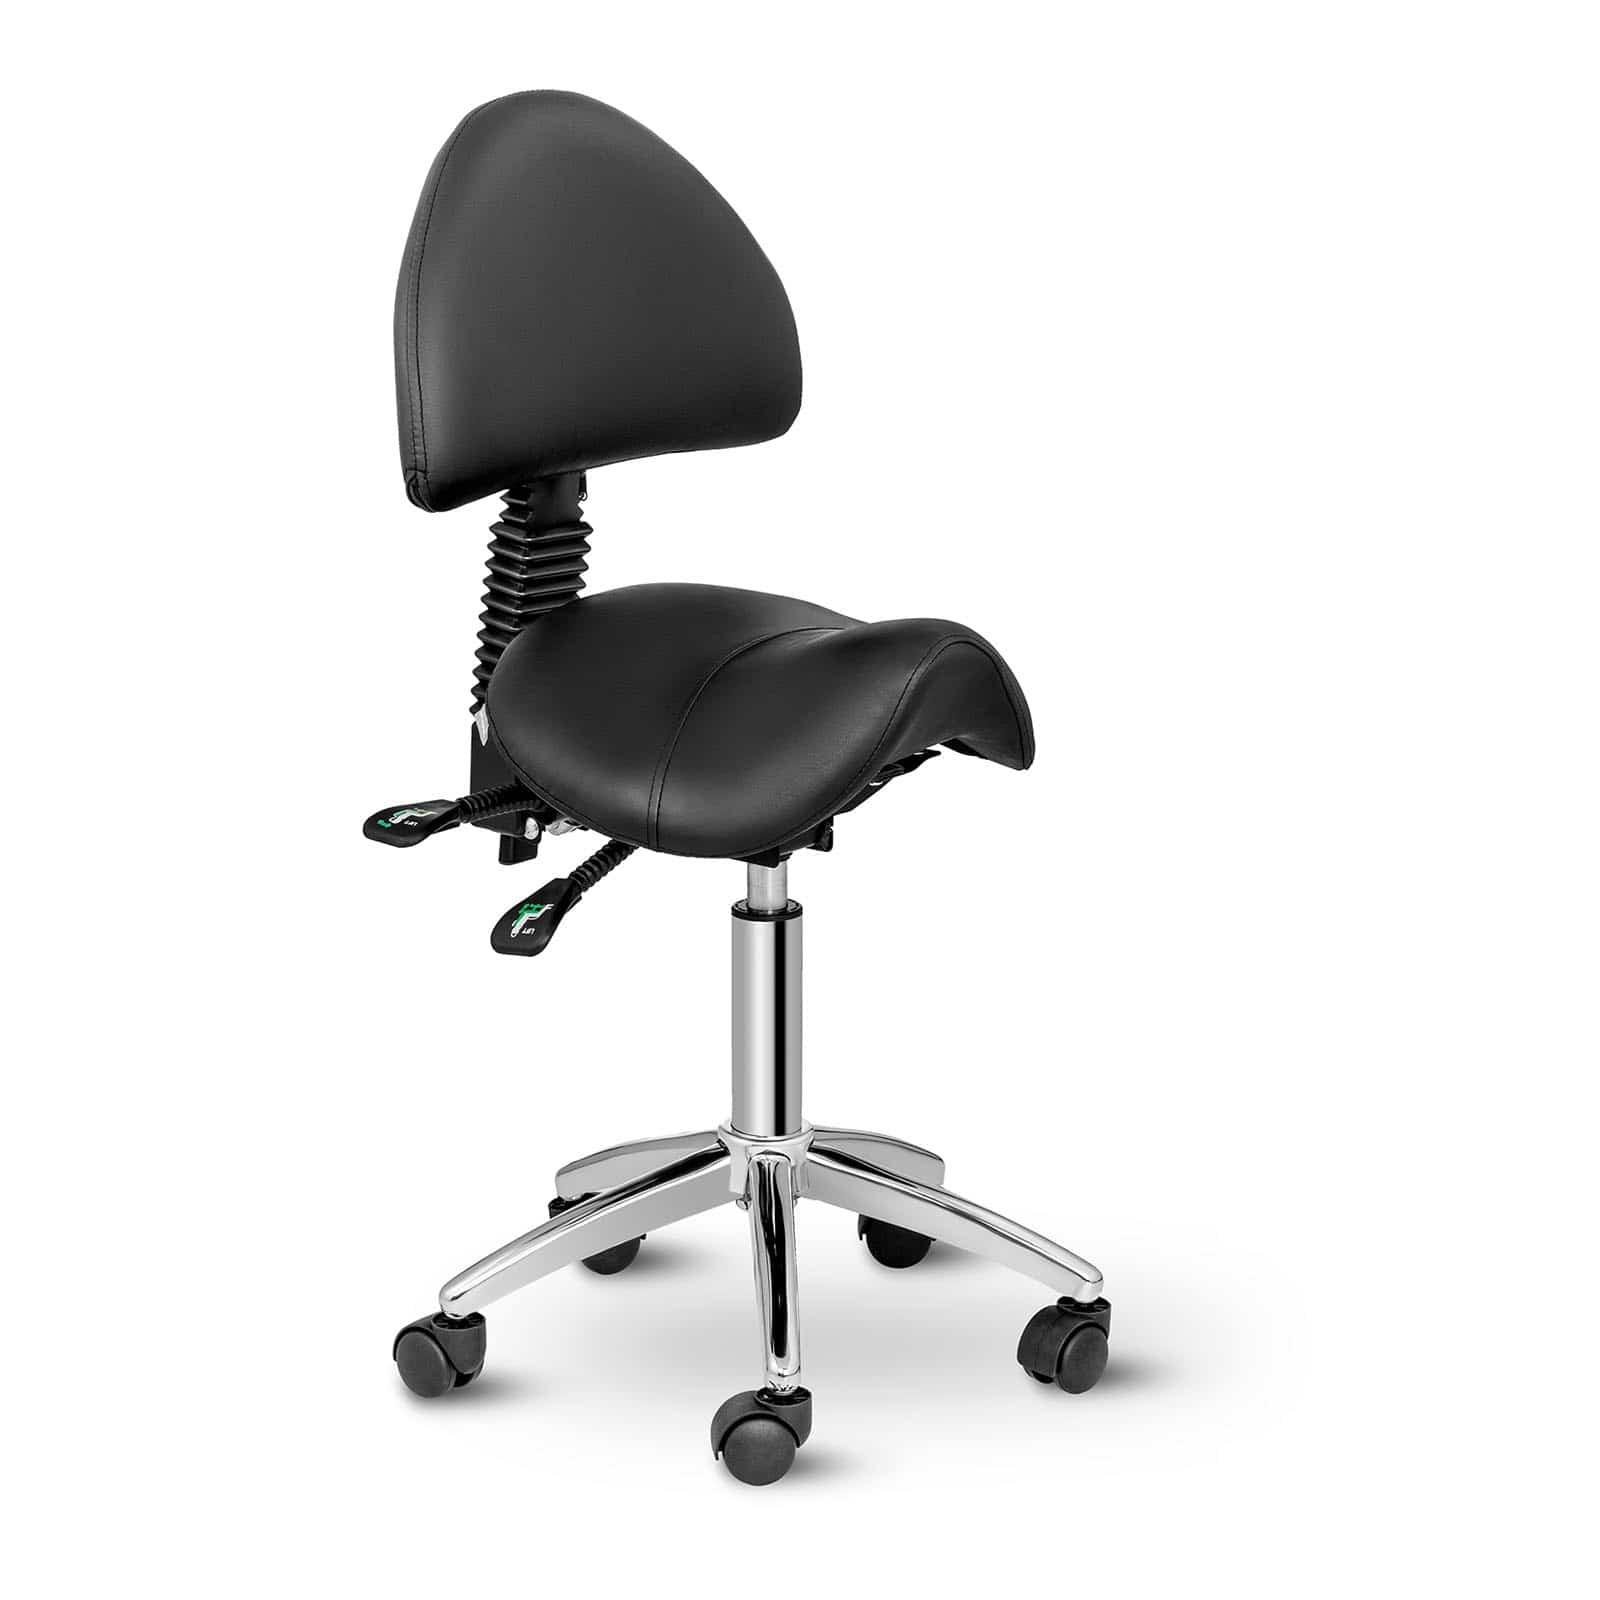 Krzesło siodłowe Berlin - czarne - oparcie